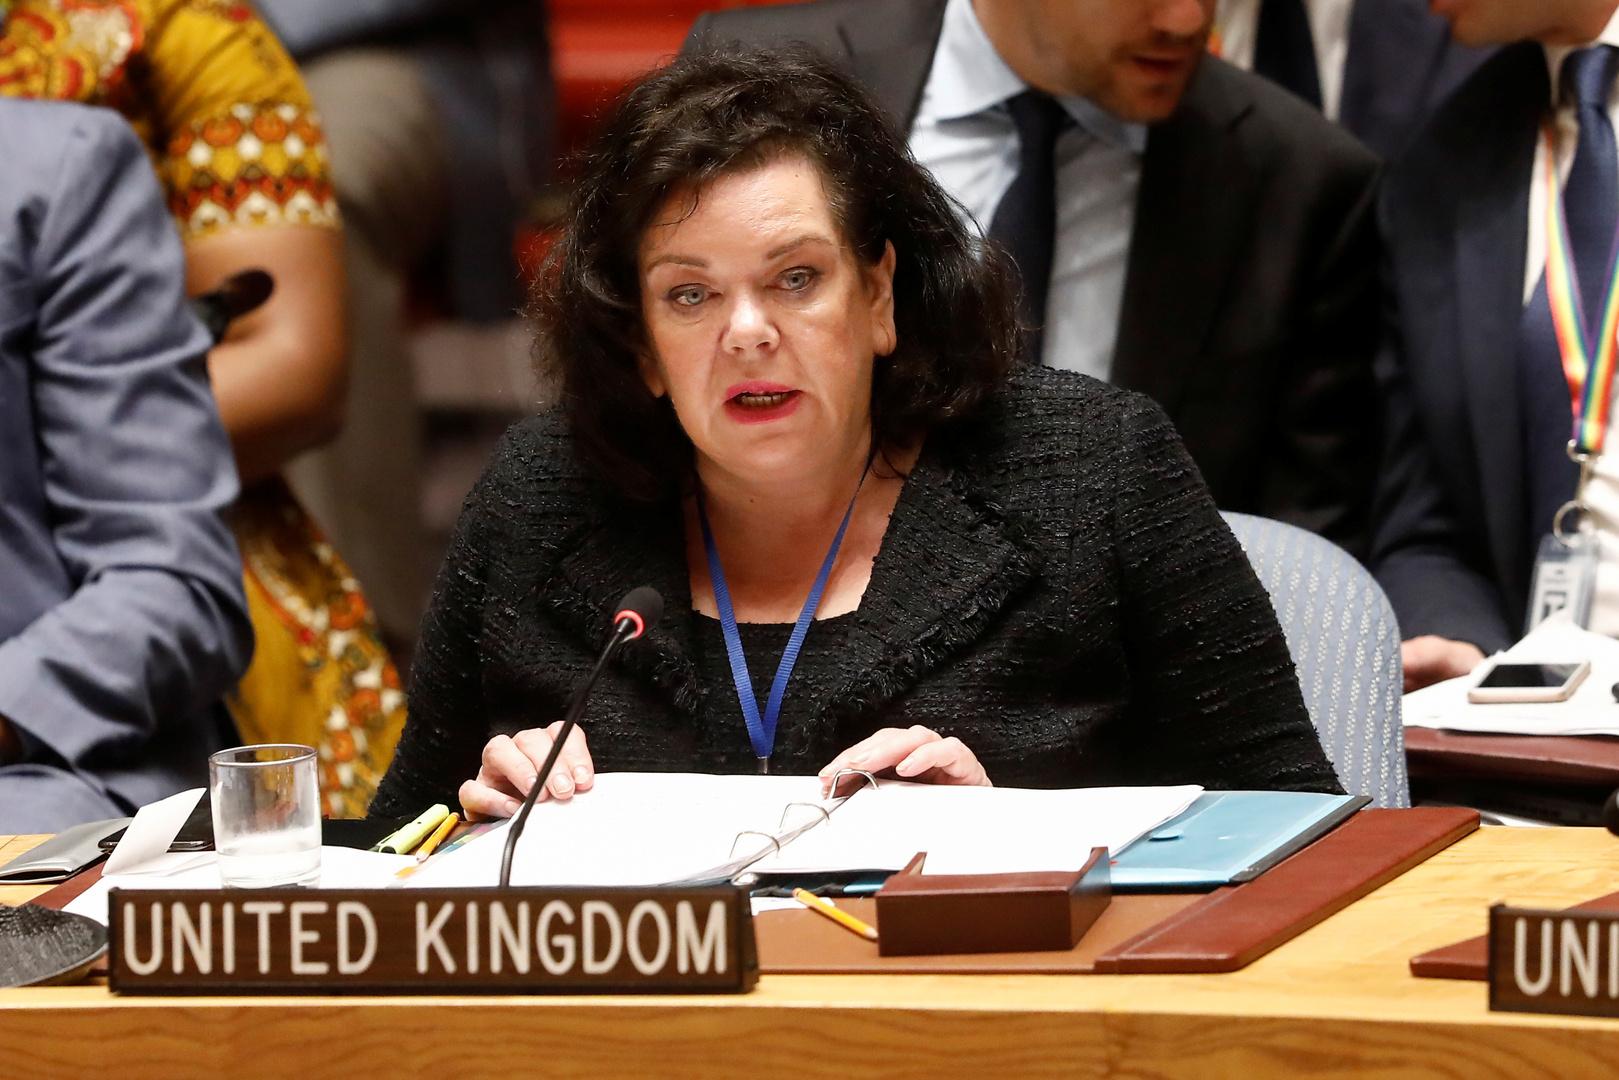 بريطانيا عن وعد بلفور: نفتخر بدورنا في مساعدة إسرائيل على الوجود